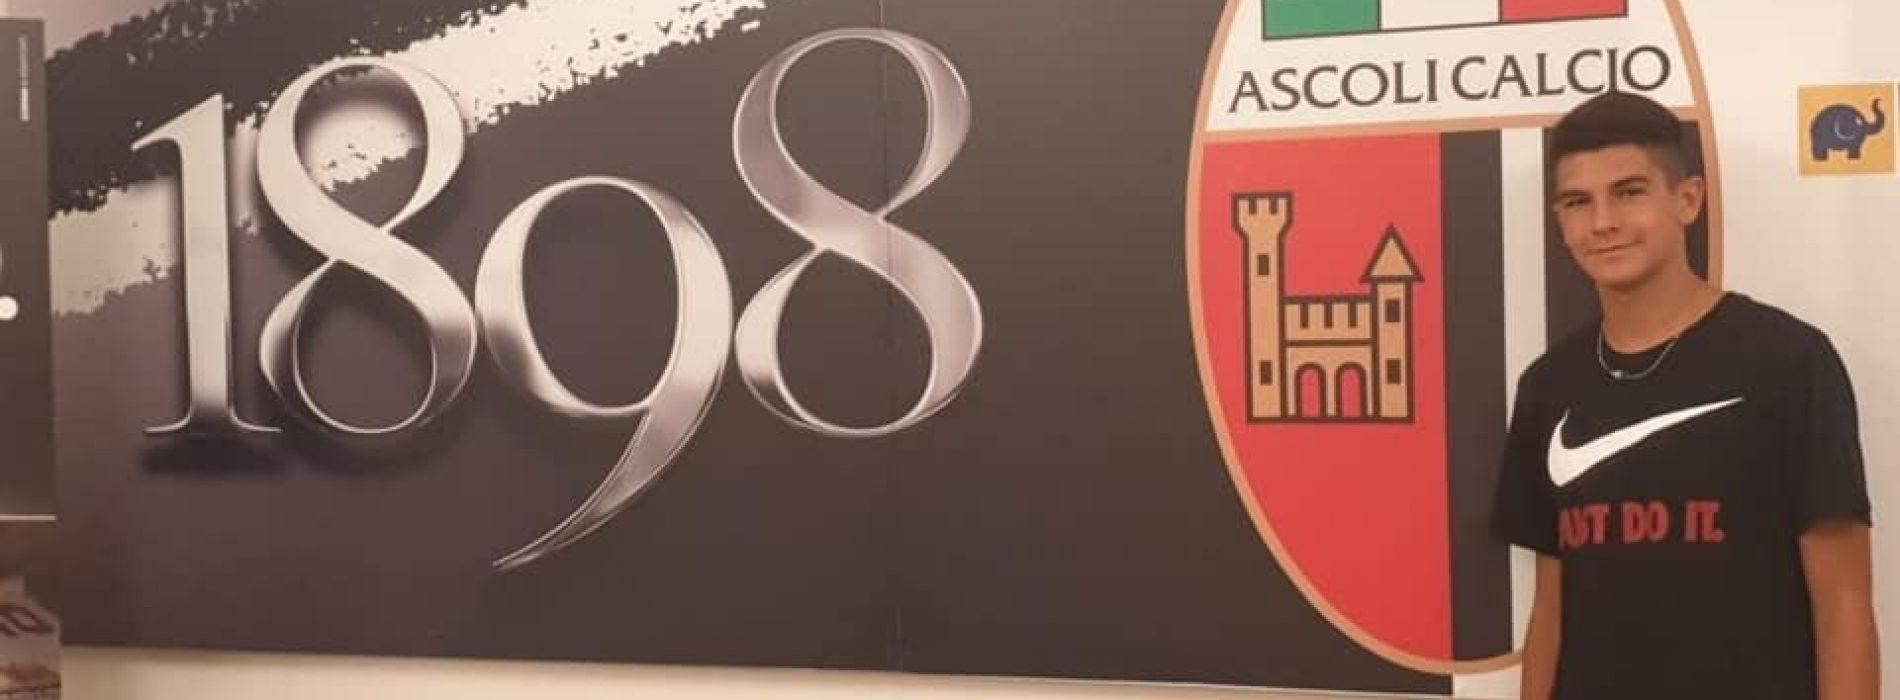 Francesco Clemente all'Ascoli: nuovo innesto in casa bianconera